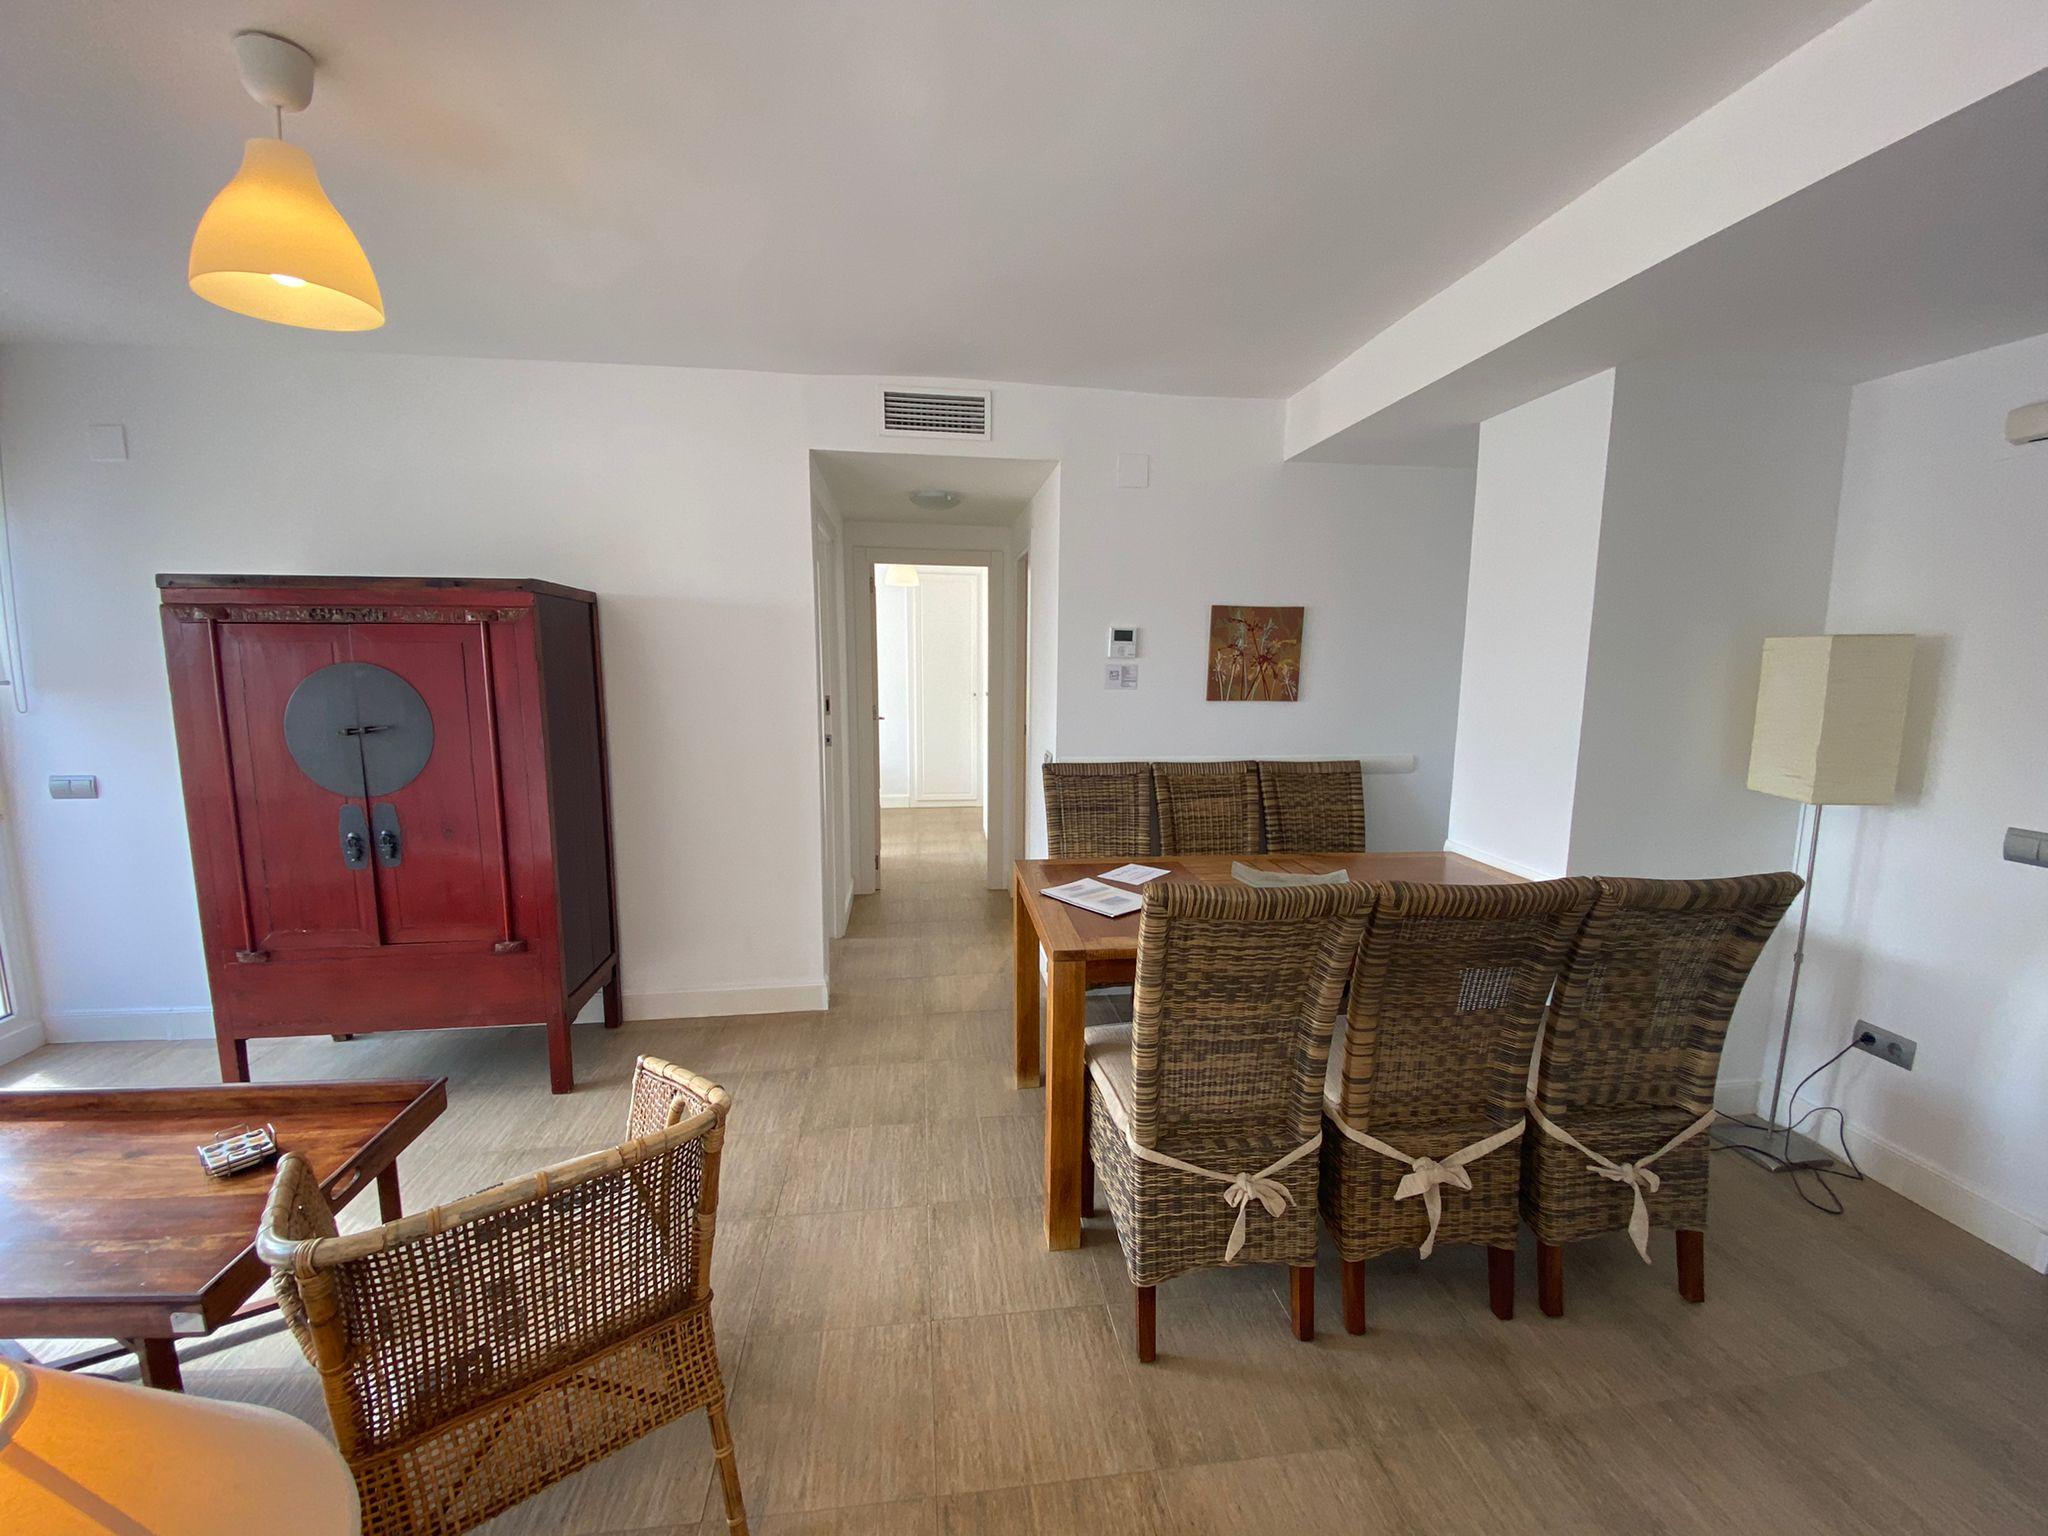 Imagen 15 del Apartamento Turístico, Ático 7 Central (3d+2b), Punta del Moral (HUELVA), Paseo de la Cruz nº22